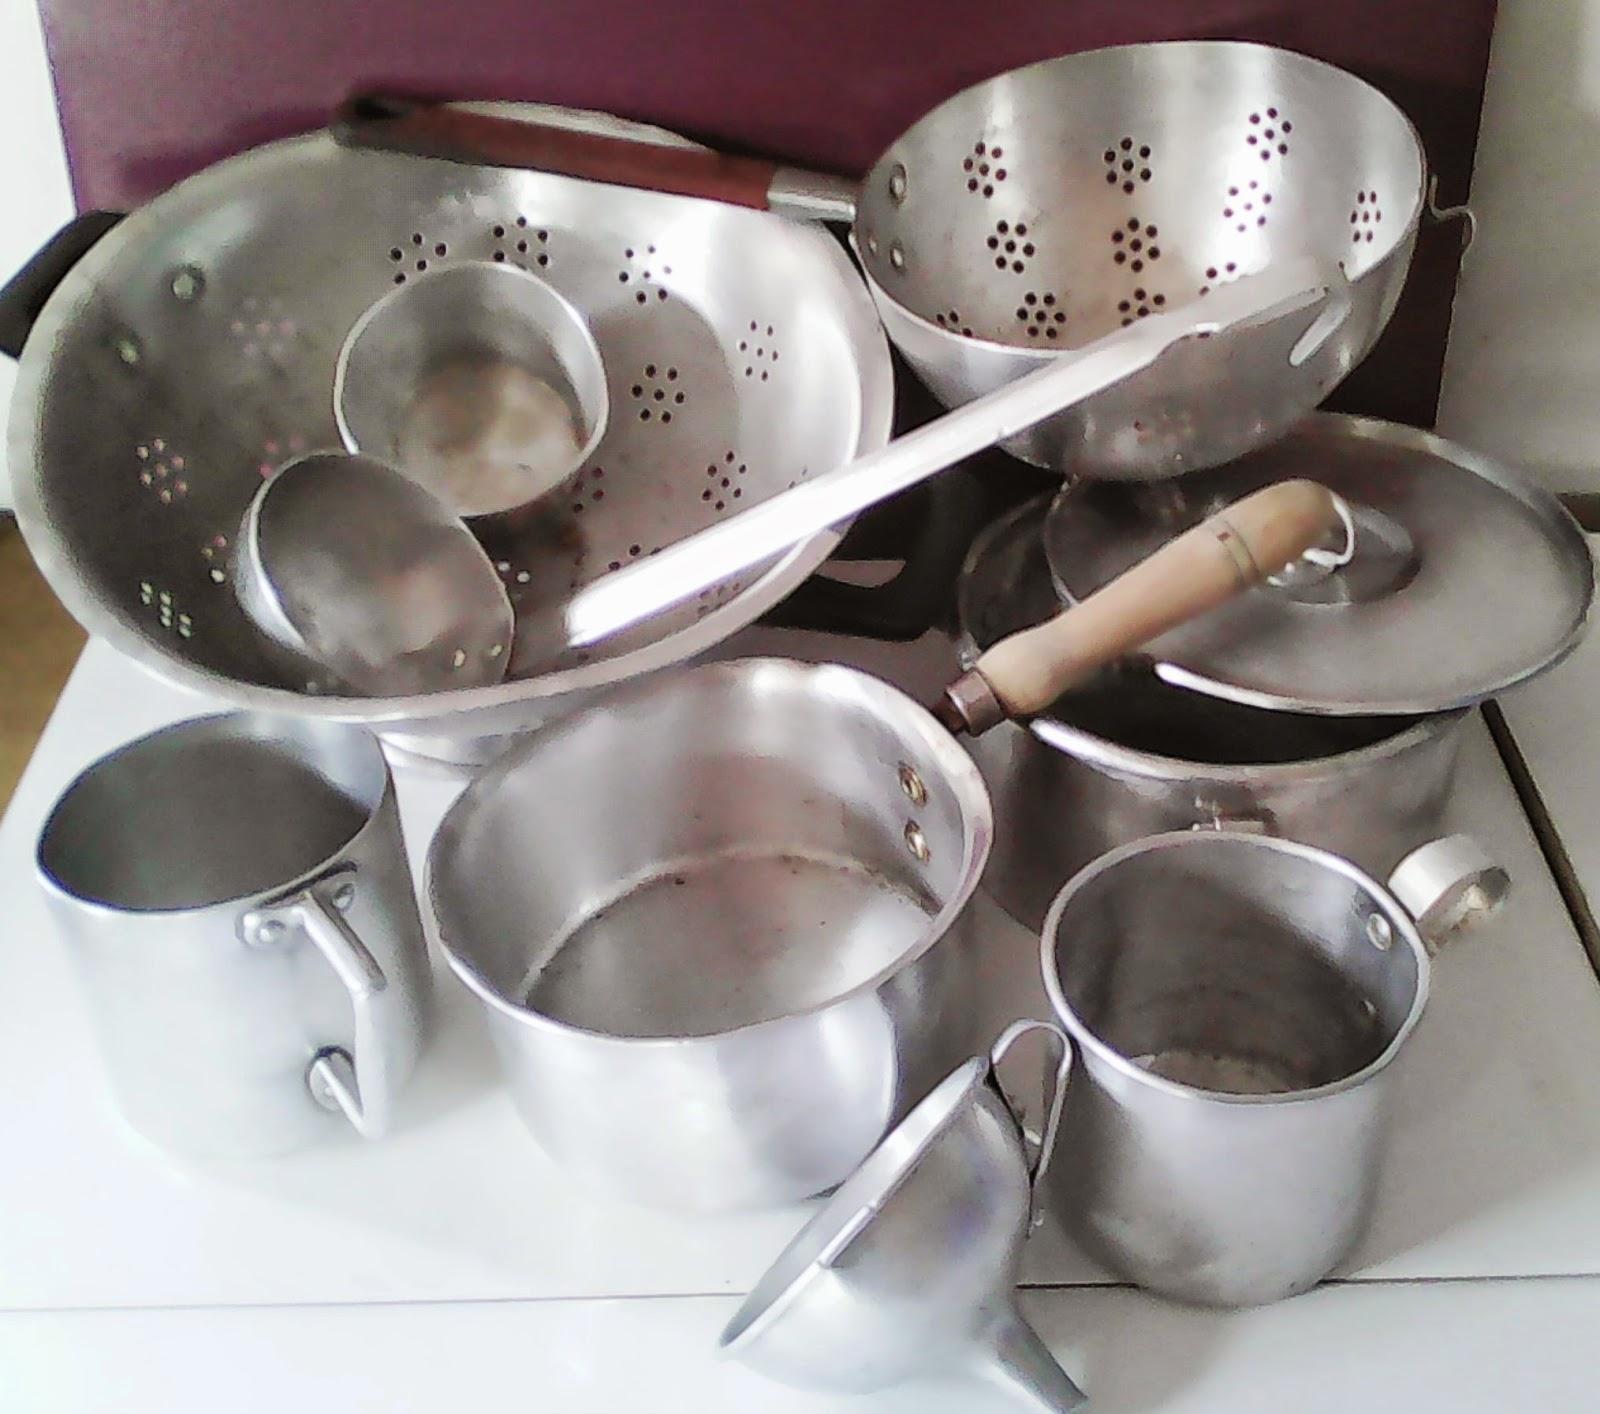 O desv n vintage do pereiro lote utensilios de cocina de for Utensilios de cocina para zurdos